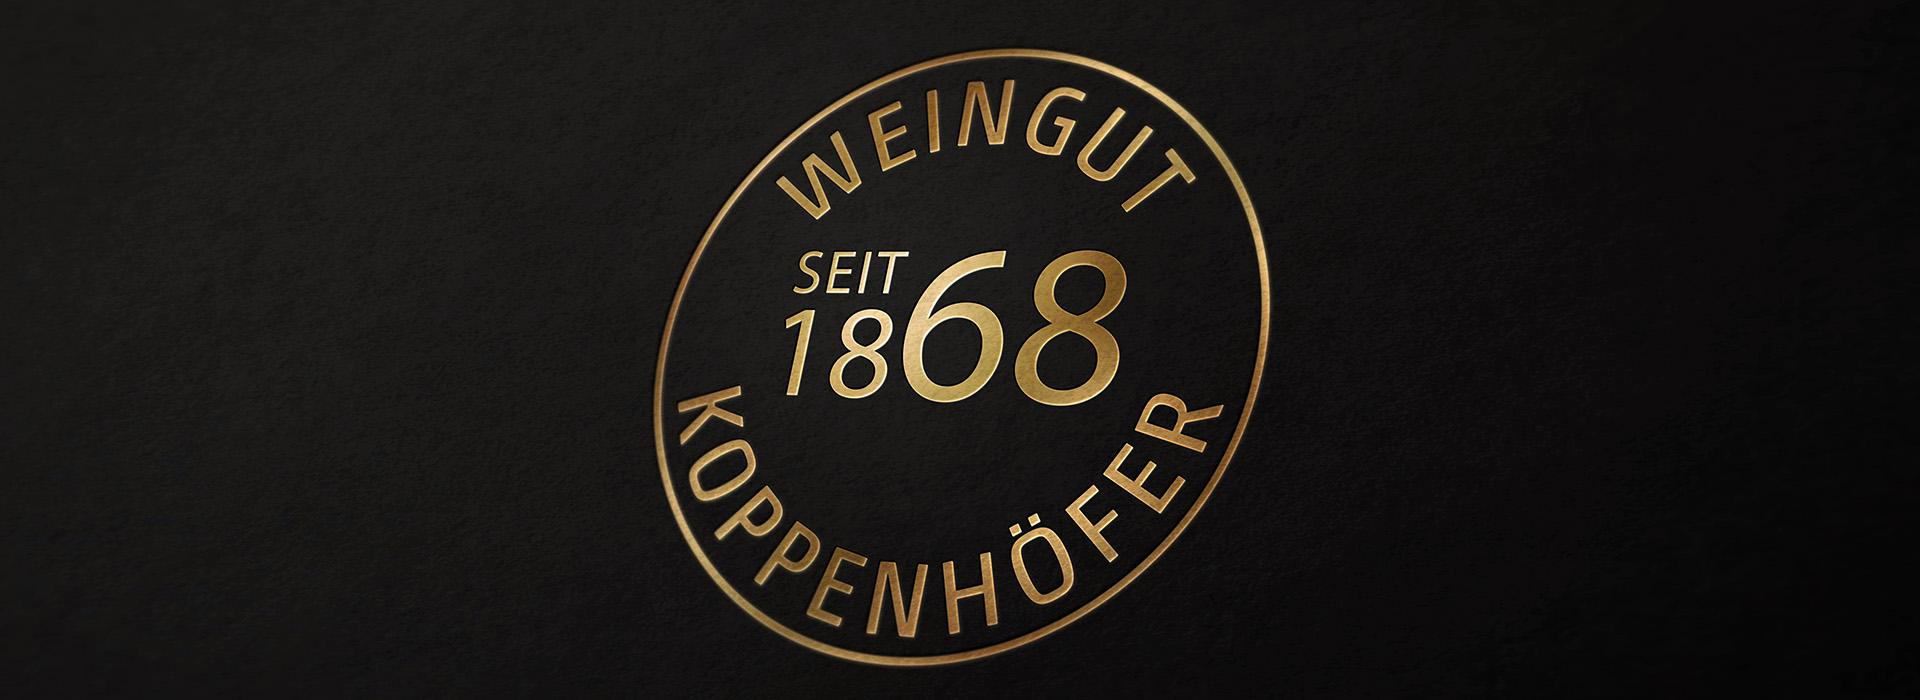 Jubiläumslogo Weingut Koppenhöfer